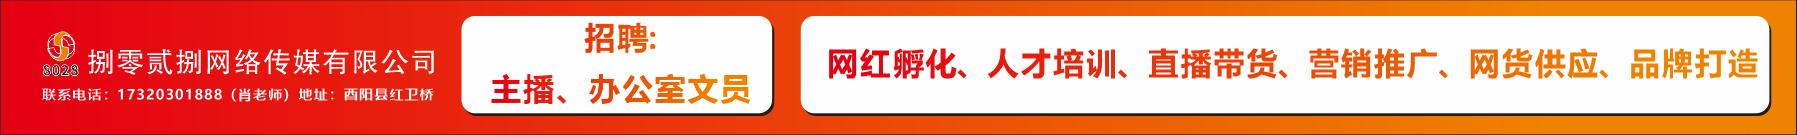 重庆市捌零贰捌网络传媒有限公司